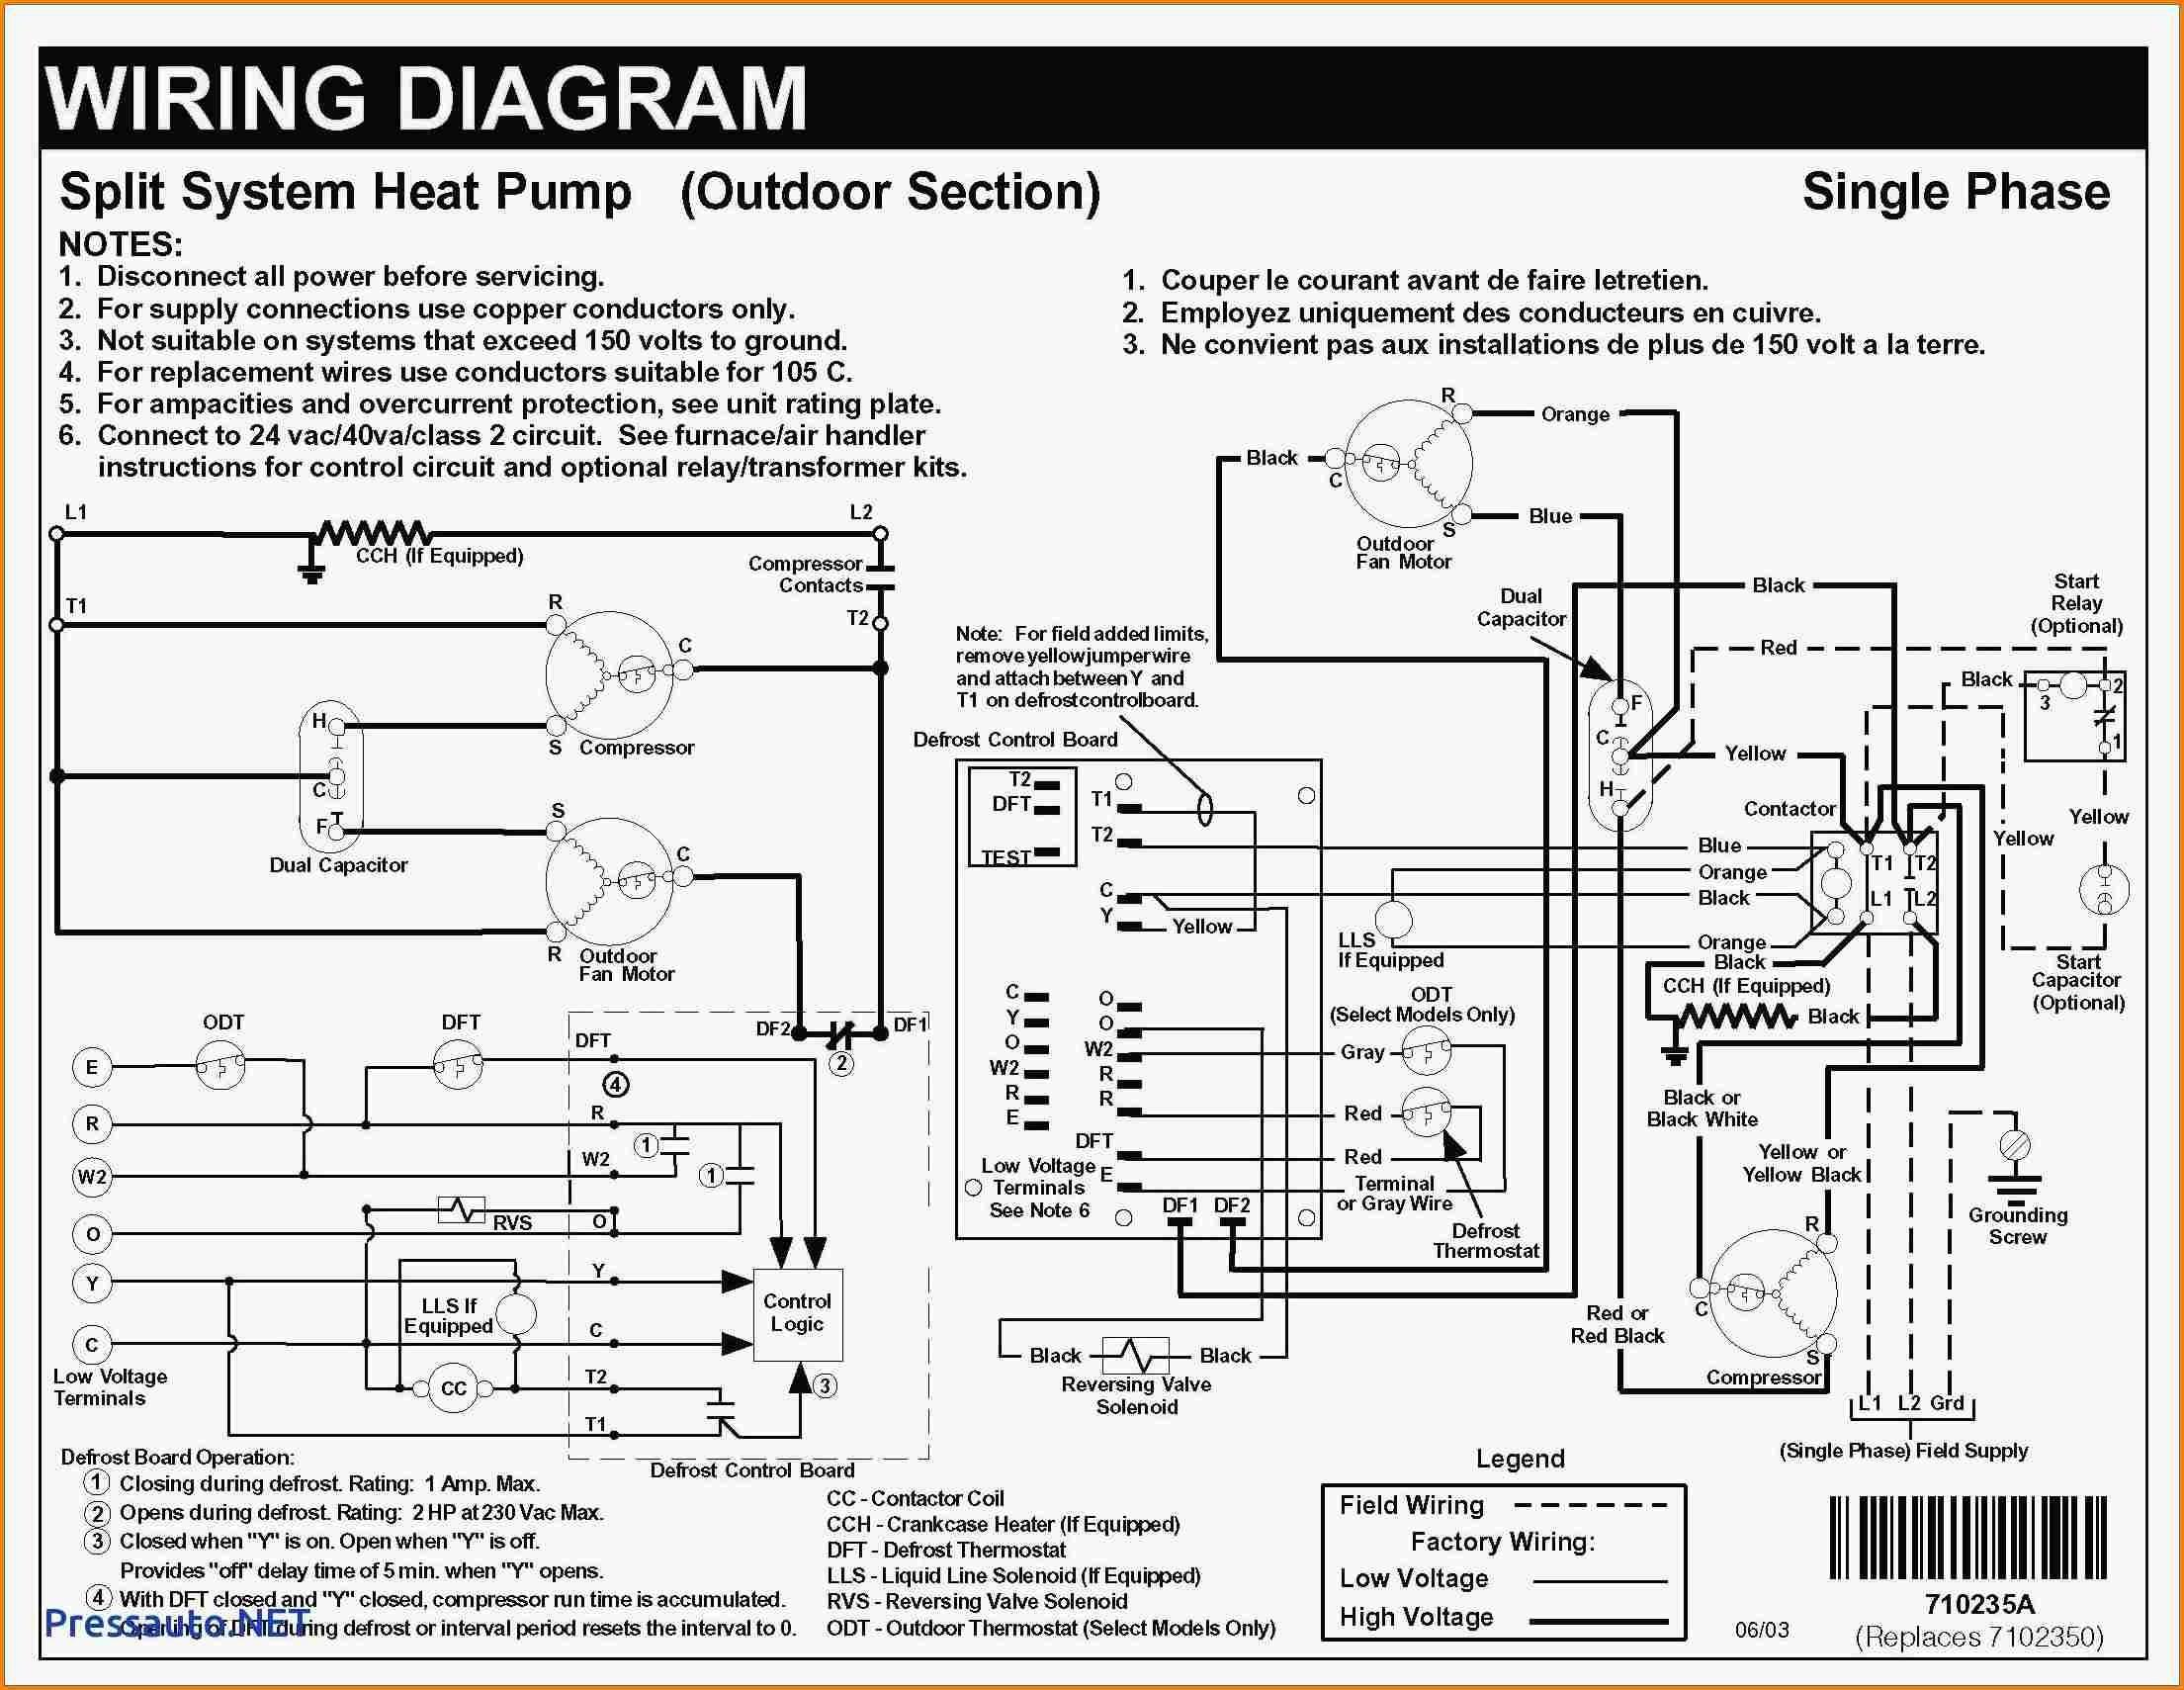 Rheem Ac Wiring Diagram Save Basic Electric Furnace Wiring Diagram Free Download Goodman Heat